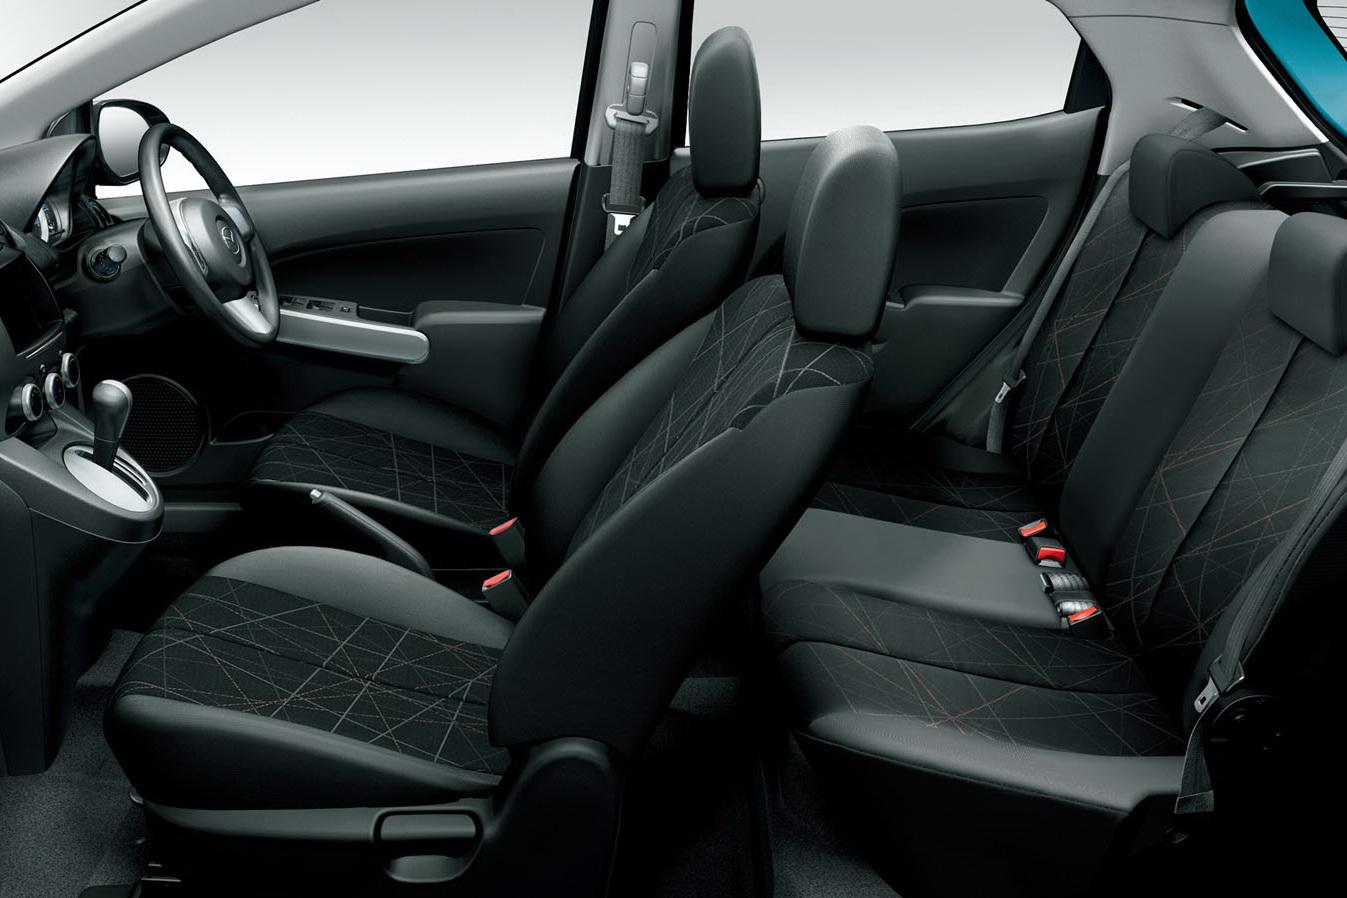 2012 Mazda Demio 13 Skyactiv Arrives In Japan Image Gallery 2 Fuse Box